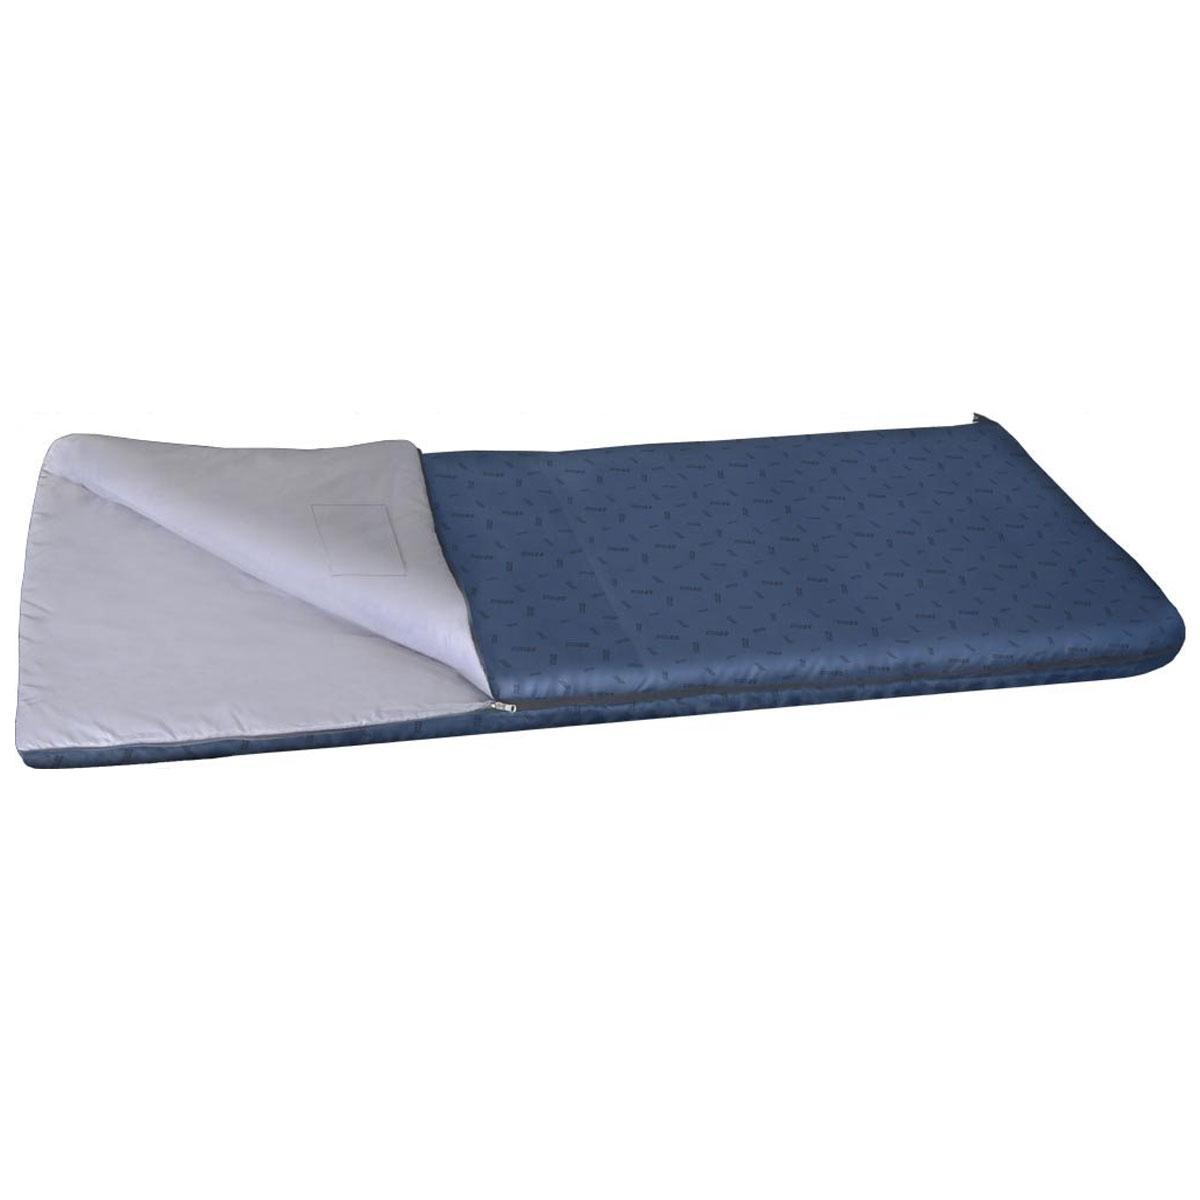 Спальный мешок-одеяло Nova Tour Валдай 300, цвет: синий, левосторонняя молния. 95210-402-0003/1/12Спальный мешок Валдай 300 - это ваш первый спальник, отличный вариант для начинающего туриста. Если вам трудно определиться с условиями, в которых будет использоваться спальник, то Валдай 300 именно тот вариант, универсальный, недорогой и надежный. Купив спальный мешок Валдай 300, вы получаете полноценный отдых без особых материальных затрат. Температурные характеристики этого спальника предполагают его использование в теплое время года. Два слоя новейшего утеплителя улучшенной серии Thermofibre-S-Pro, легкая ткань верха Polyester 100% и отсутствие дополнительного подголовника обеспечили низкий вес спальника Валдай 300 и небольшие размеры в свернутом виде. Спальник компактно упаковывается в компрессионный мешок.Благодаря двухзамковой молнии, имеется возможность состегнуть два спальника в один двойной,для совместного, еще более комфортногоотдыха.Ткань верха: Polyester 100%.Внутренняя ткань: Polyester 100%.